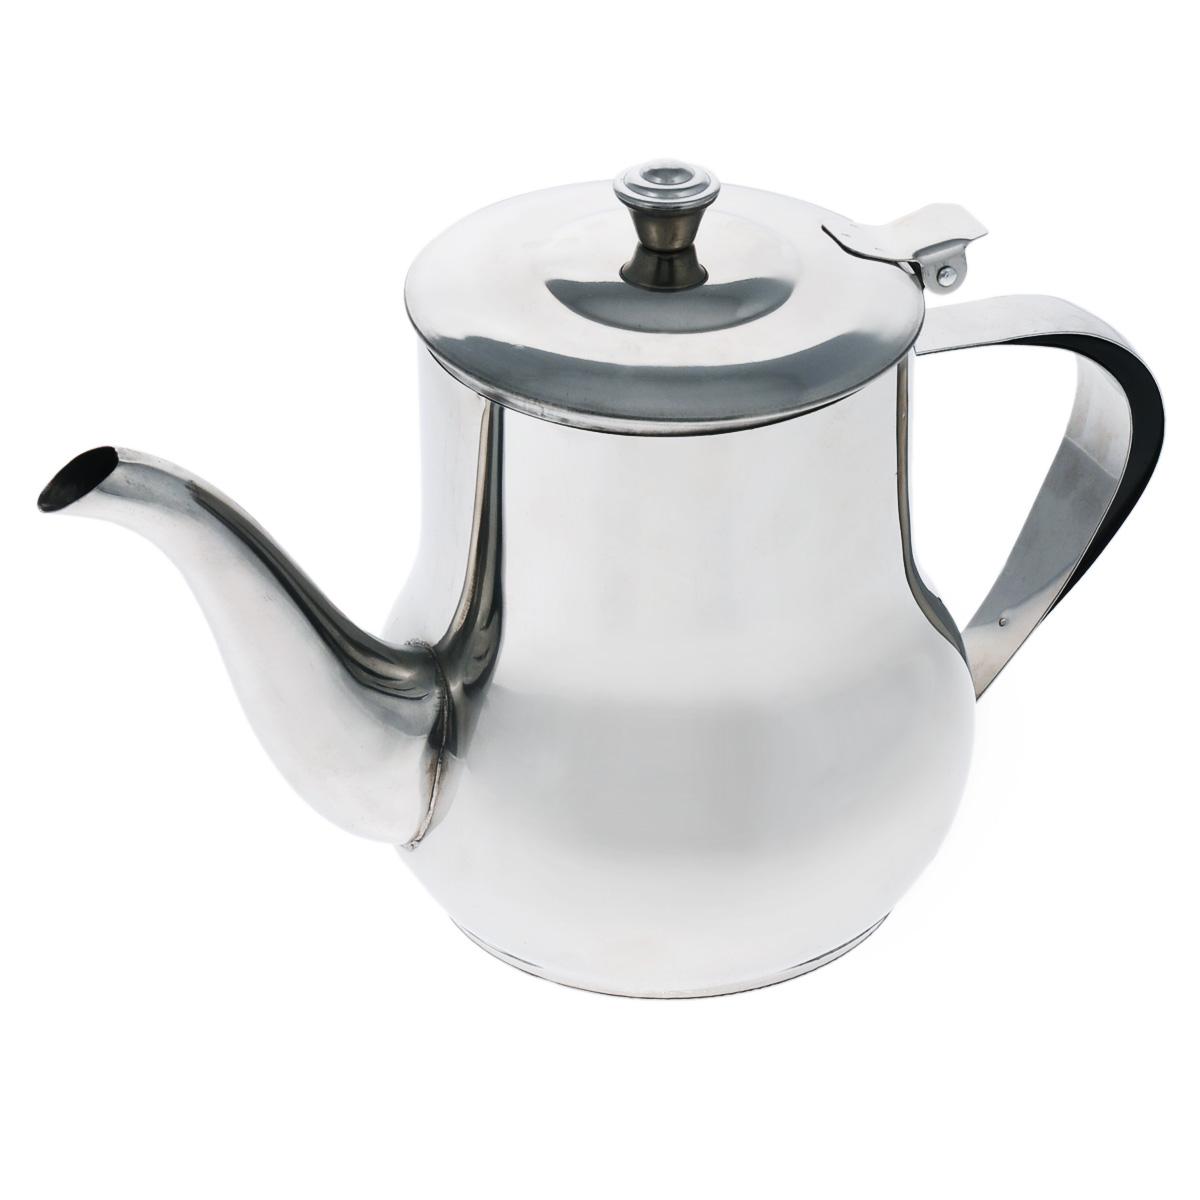 Чайник заварочный Mayer & Boch, с фильтром, 1 л. 403391602Заварочный чайник Mayer & Boch изготовлен из высококачественной нержавеющей стали с зеркальной полировкой и оснащен фильтром. Чайник используется только для приготовления чая. Простой и удобный прибор поможет вам приготовить крепкий, ароматный чай. Рекомендации по использованию: - не используйте посуду в случае появления трещин или сколов;- не используйте в СВЧ; - можно мыть в посудомоечной машине.Диаметр по верхнему краю: 9 см.Высота (без учета крышки): 12 см.